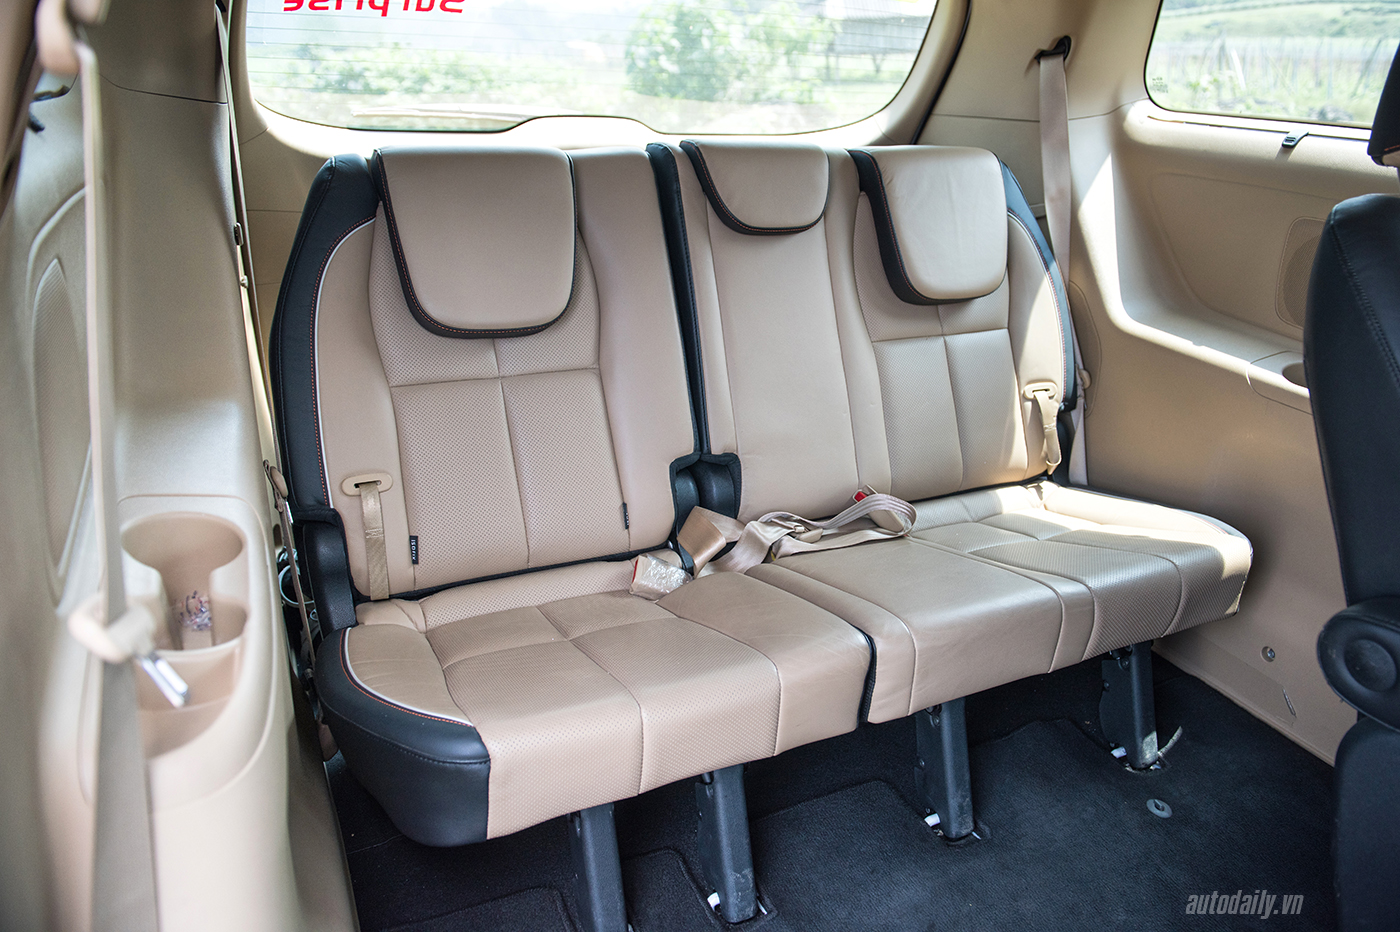 Kia Sedona - MPV cao cấp dành cho gia đình